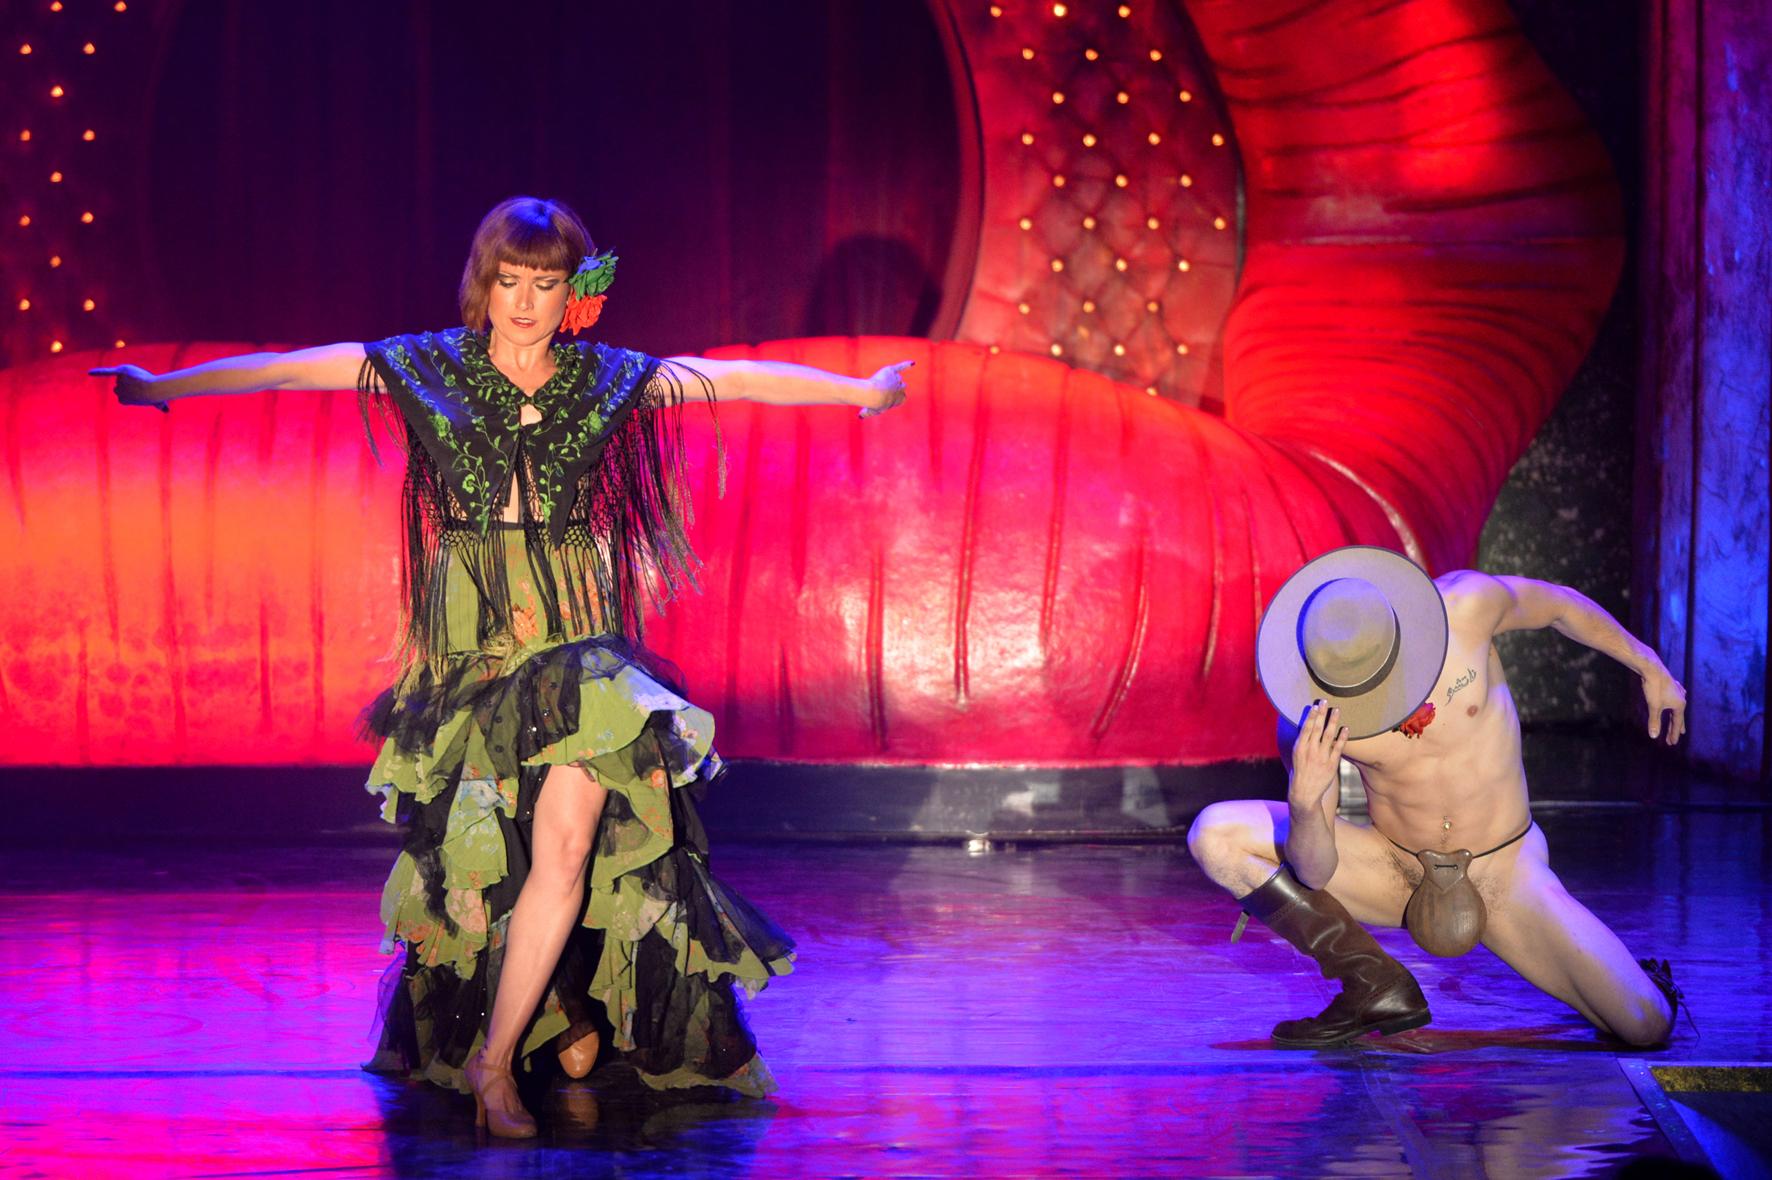 The Hole Cabaret Casino de Paris janvier 2016 duo danseurs flamenco et castagnettes spectacle cirque Pony Loco Nacho Sanchez humour sexy strip tease homme